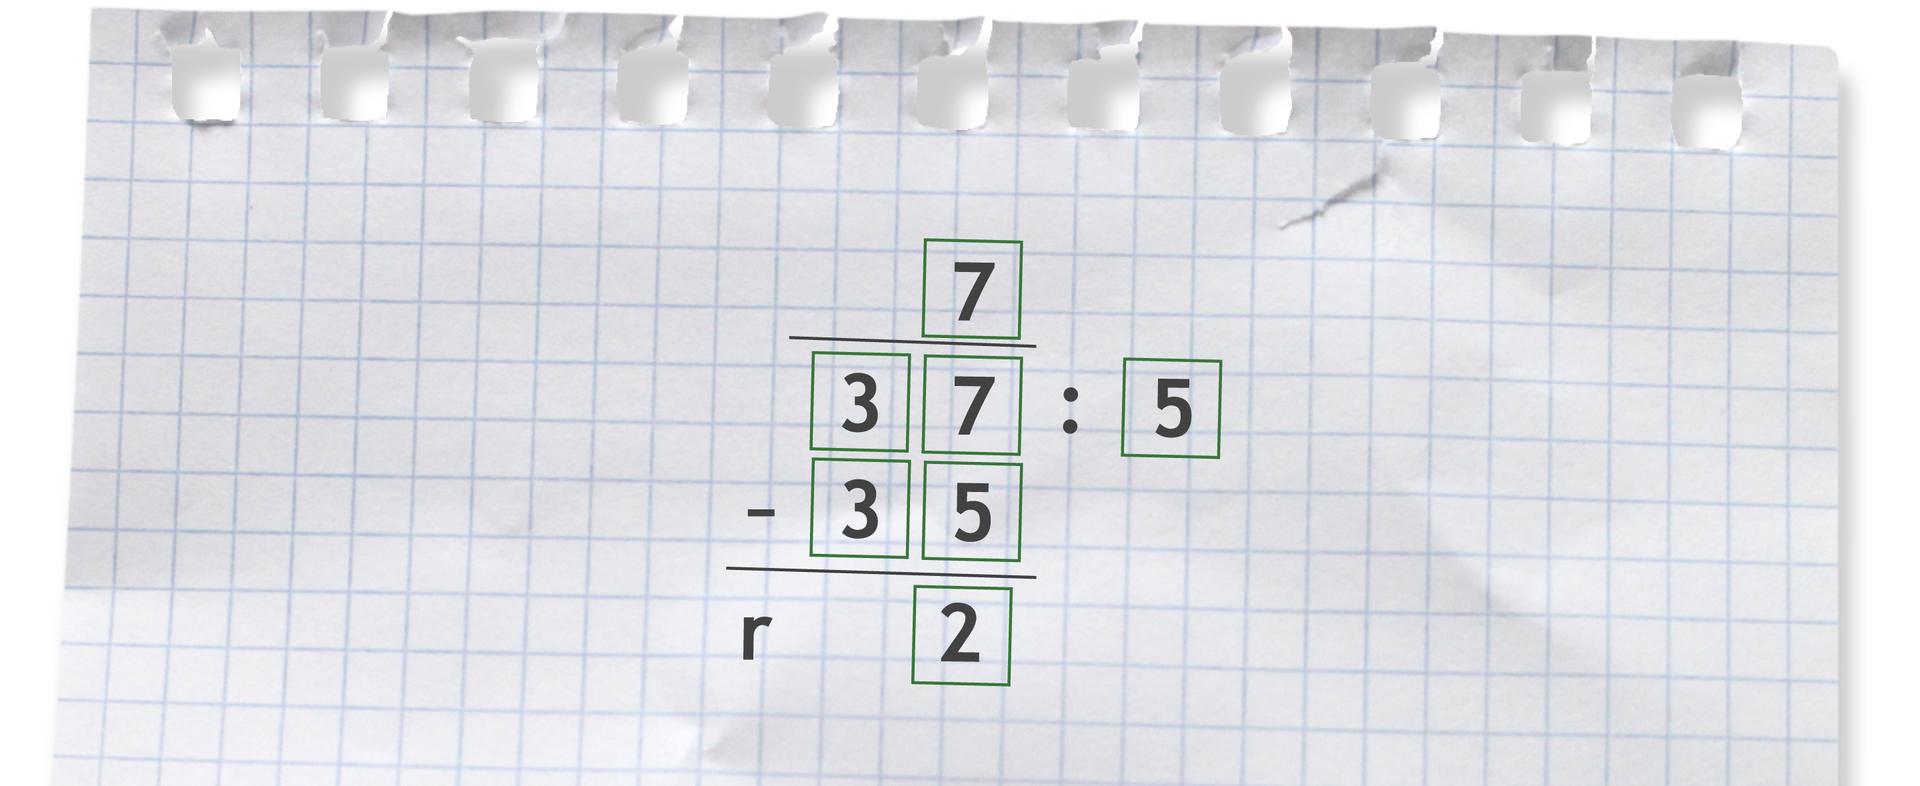 Przykład: 37 dzielone przez 5 = 7 r2.